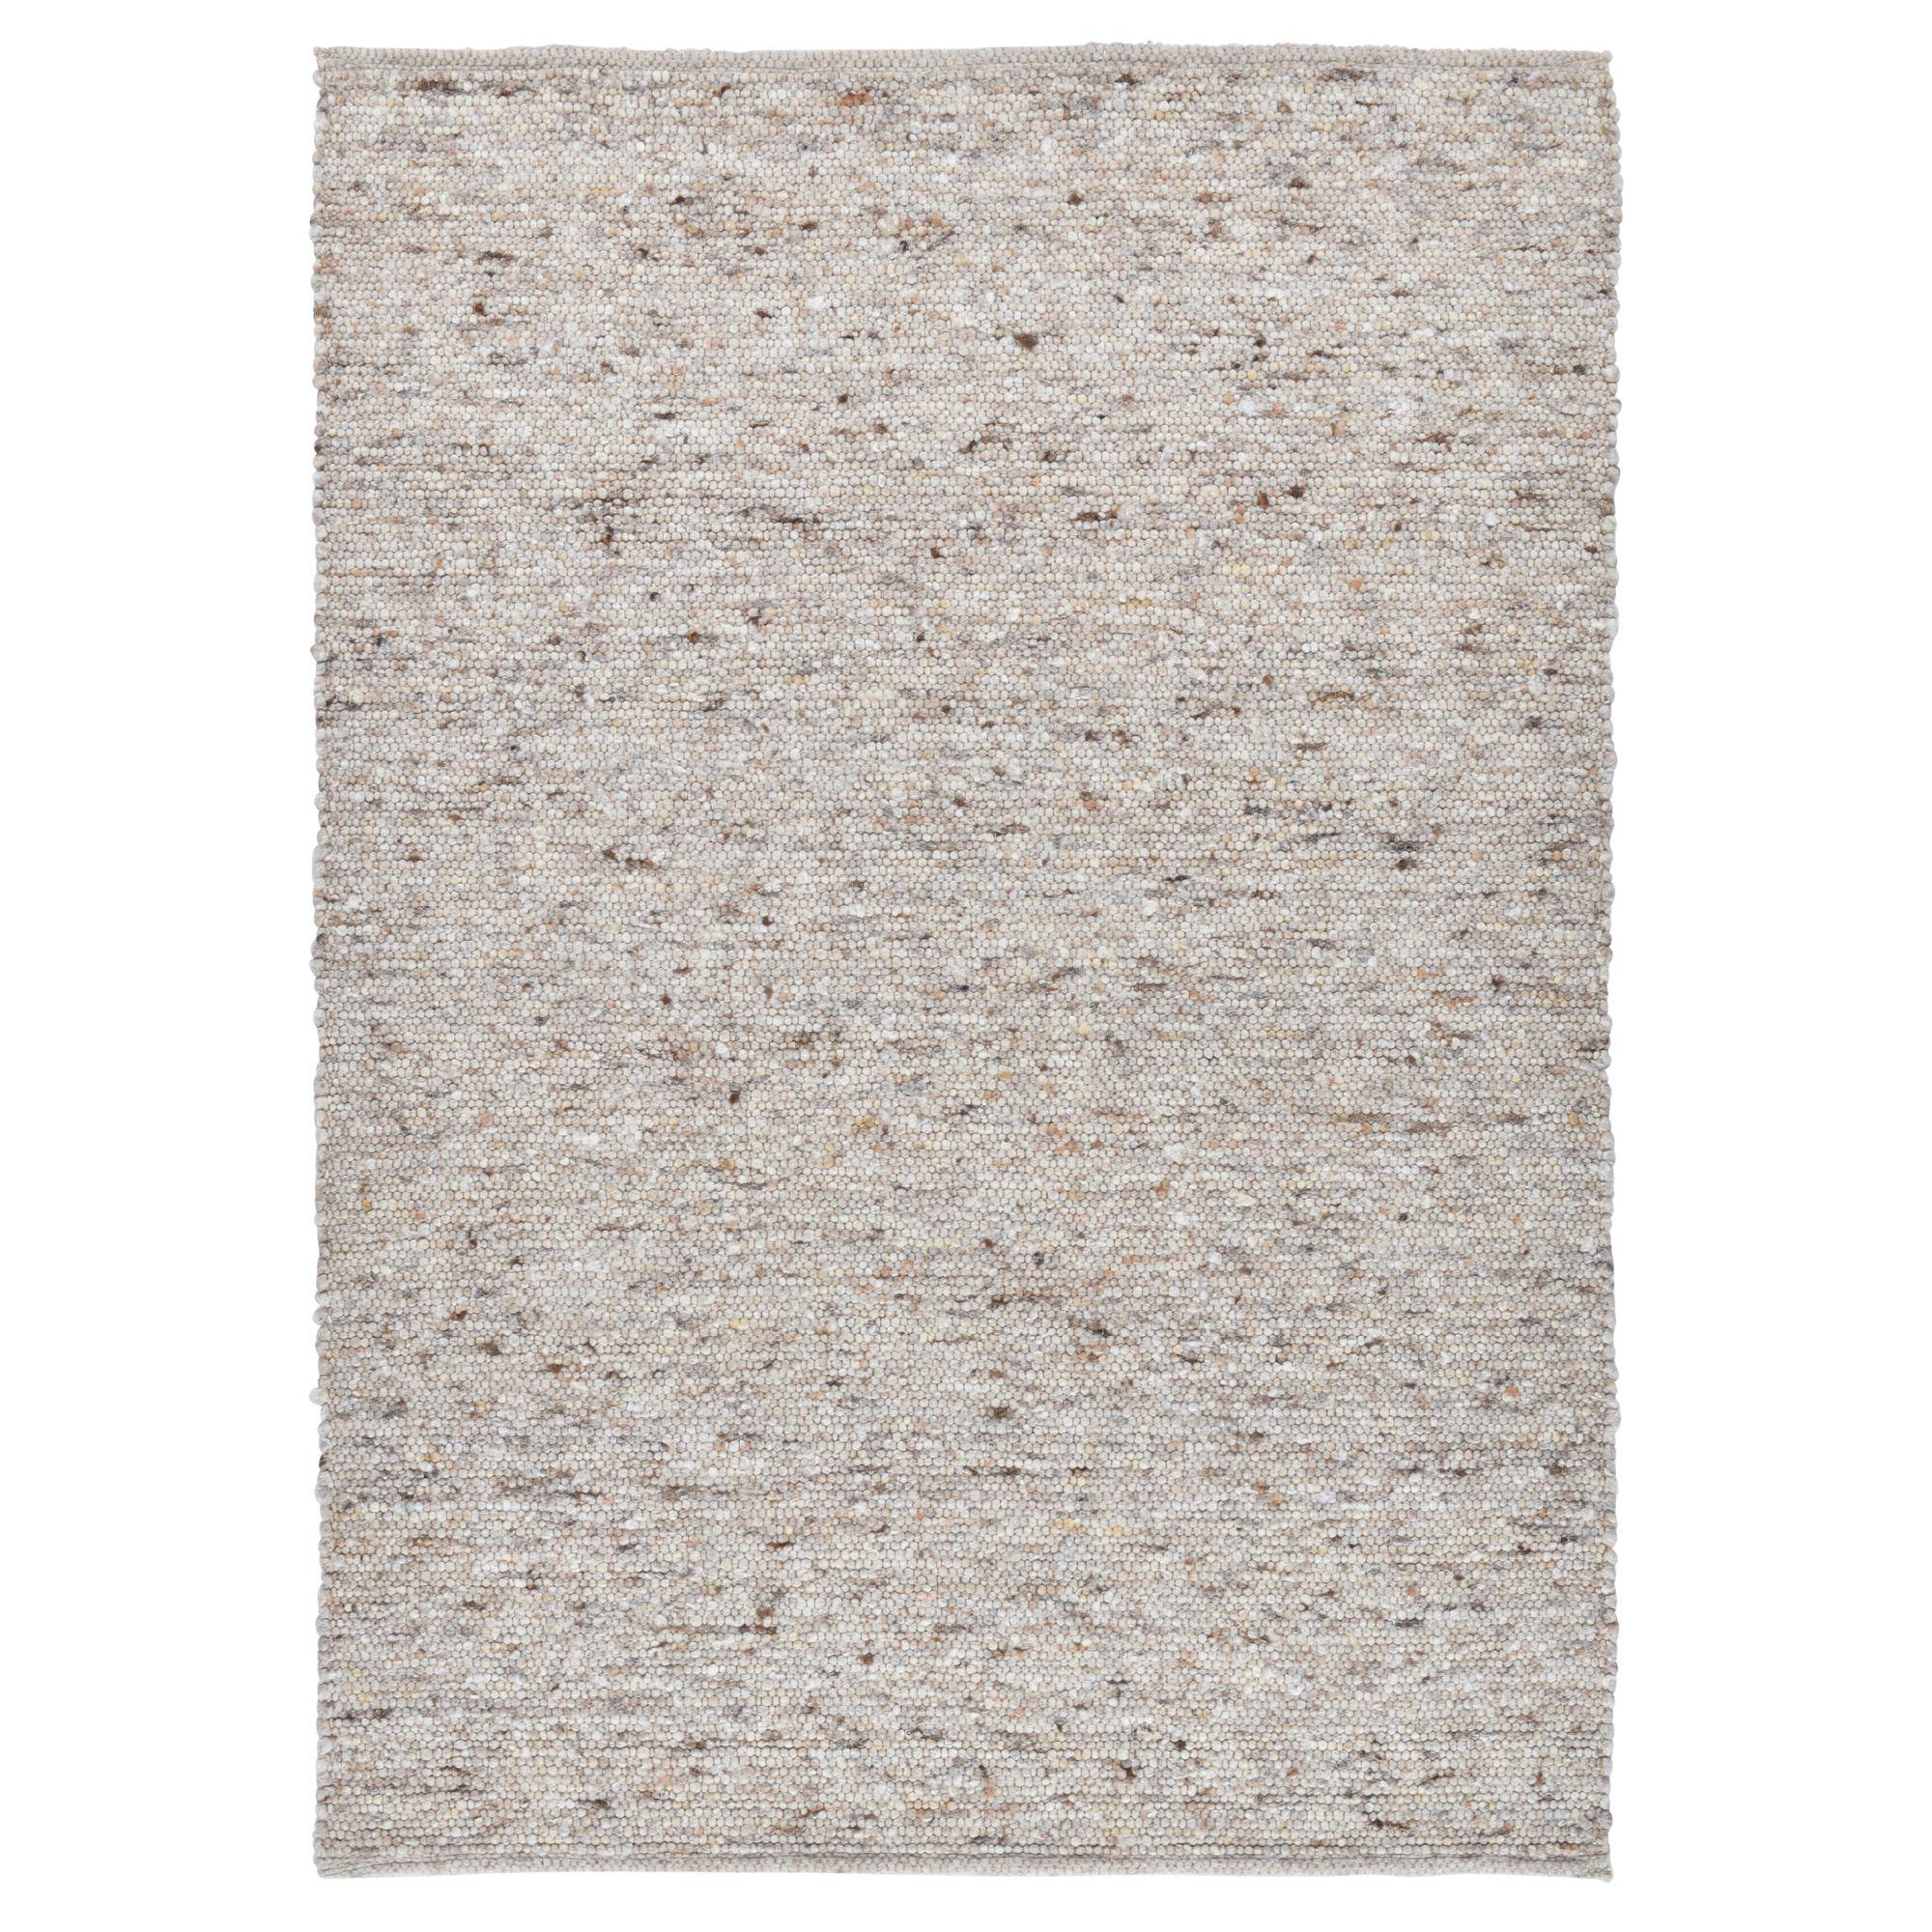 Tapis tissé à la main en laine naturelle sable 160x230